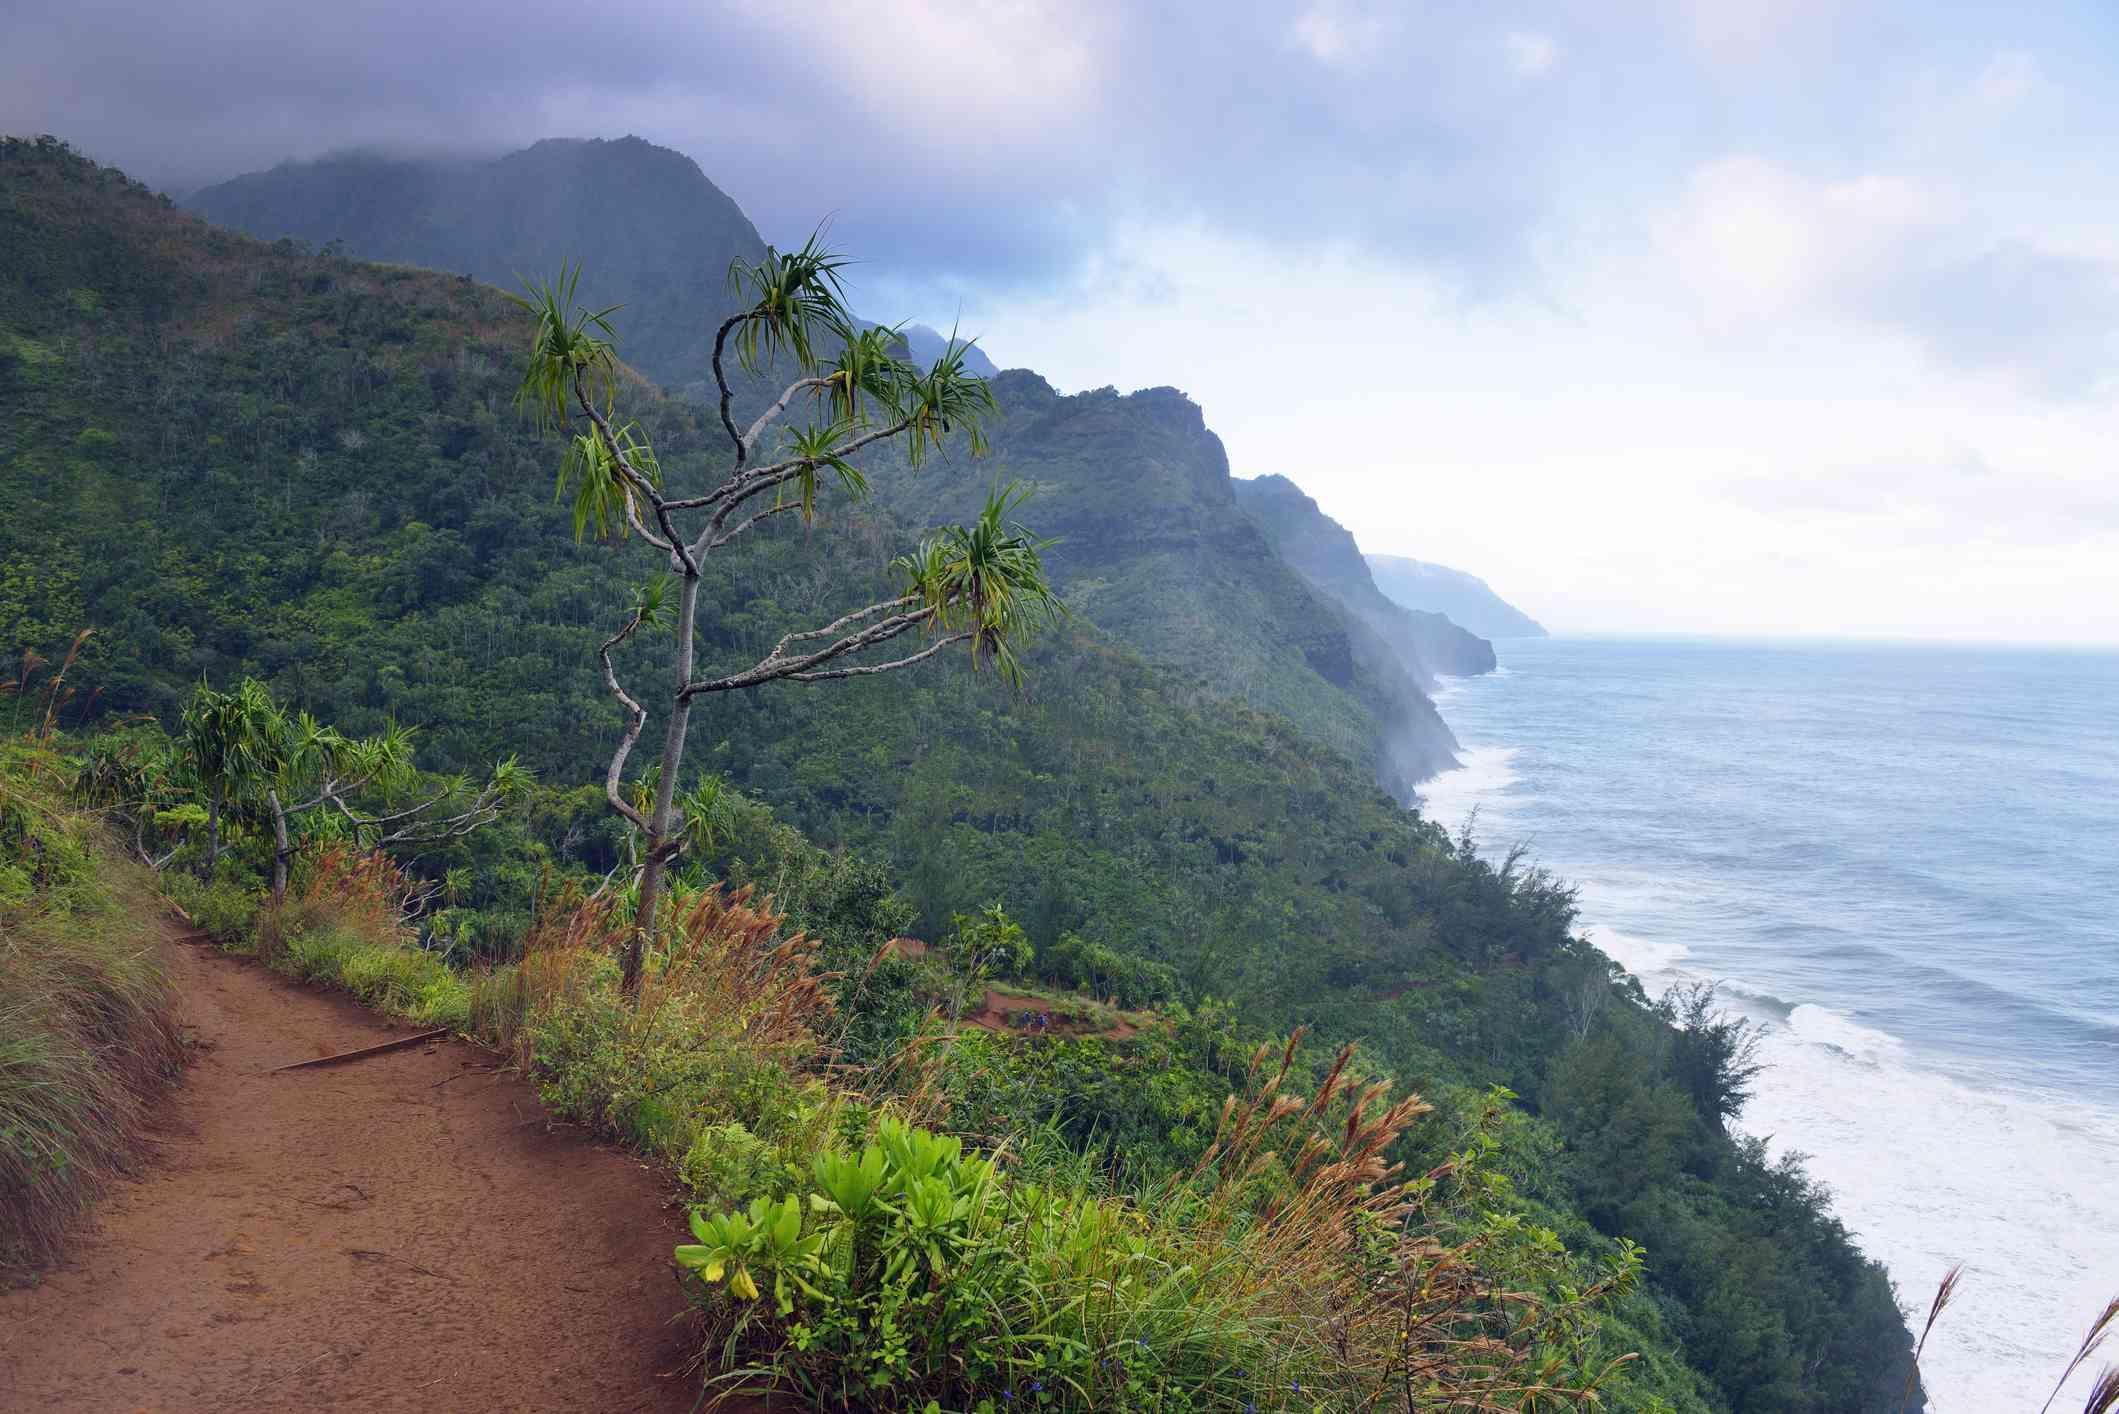 Na Pali Coast National Park